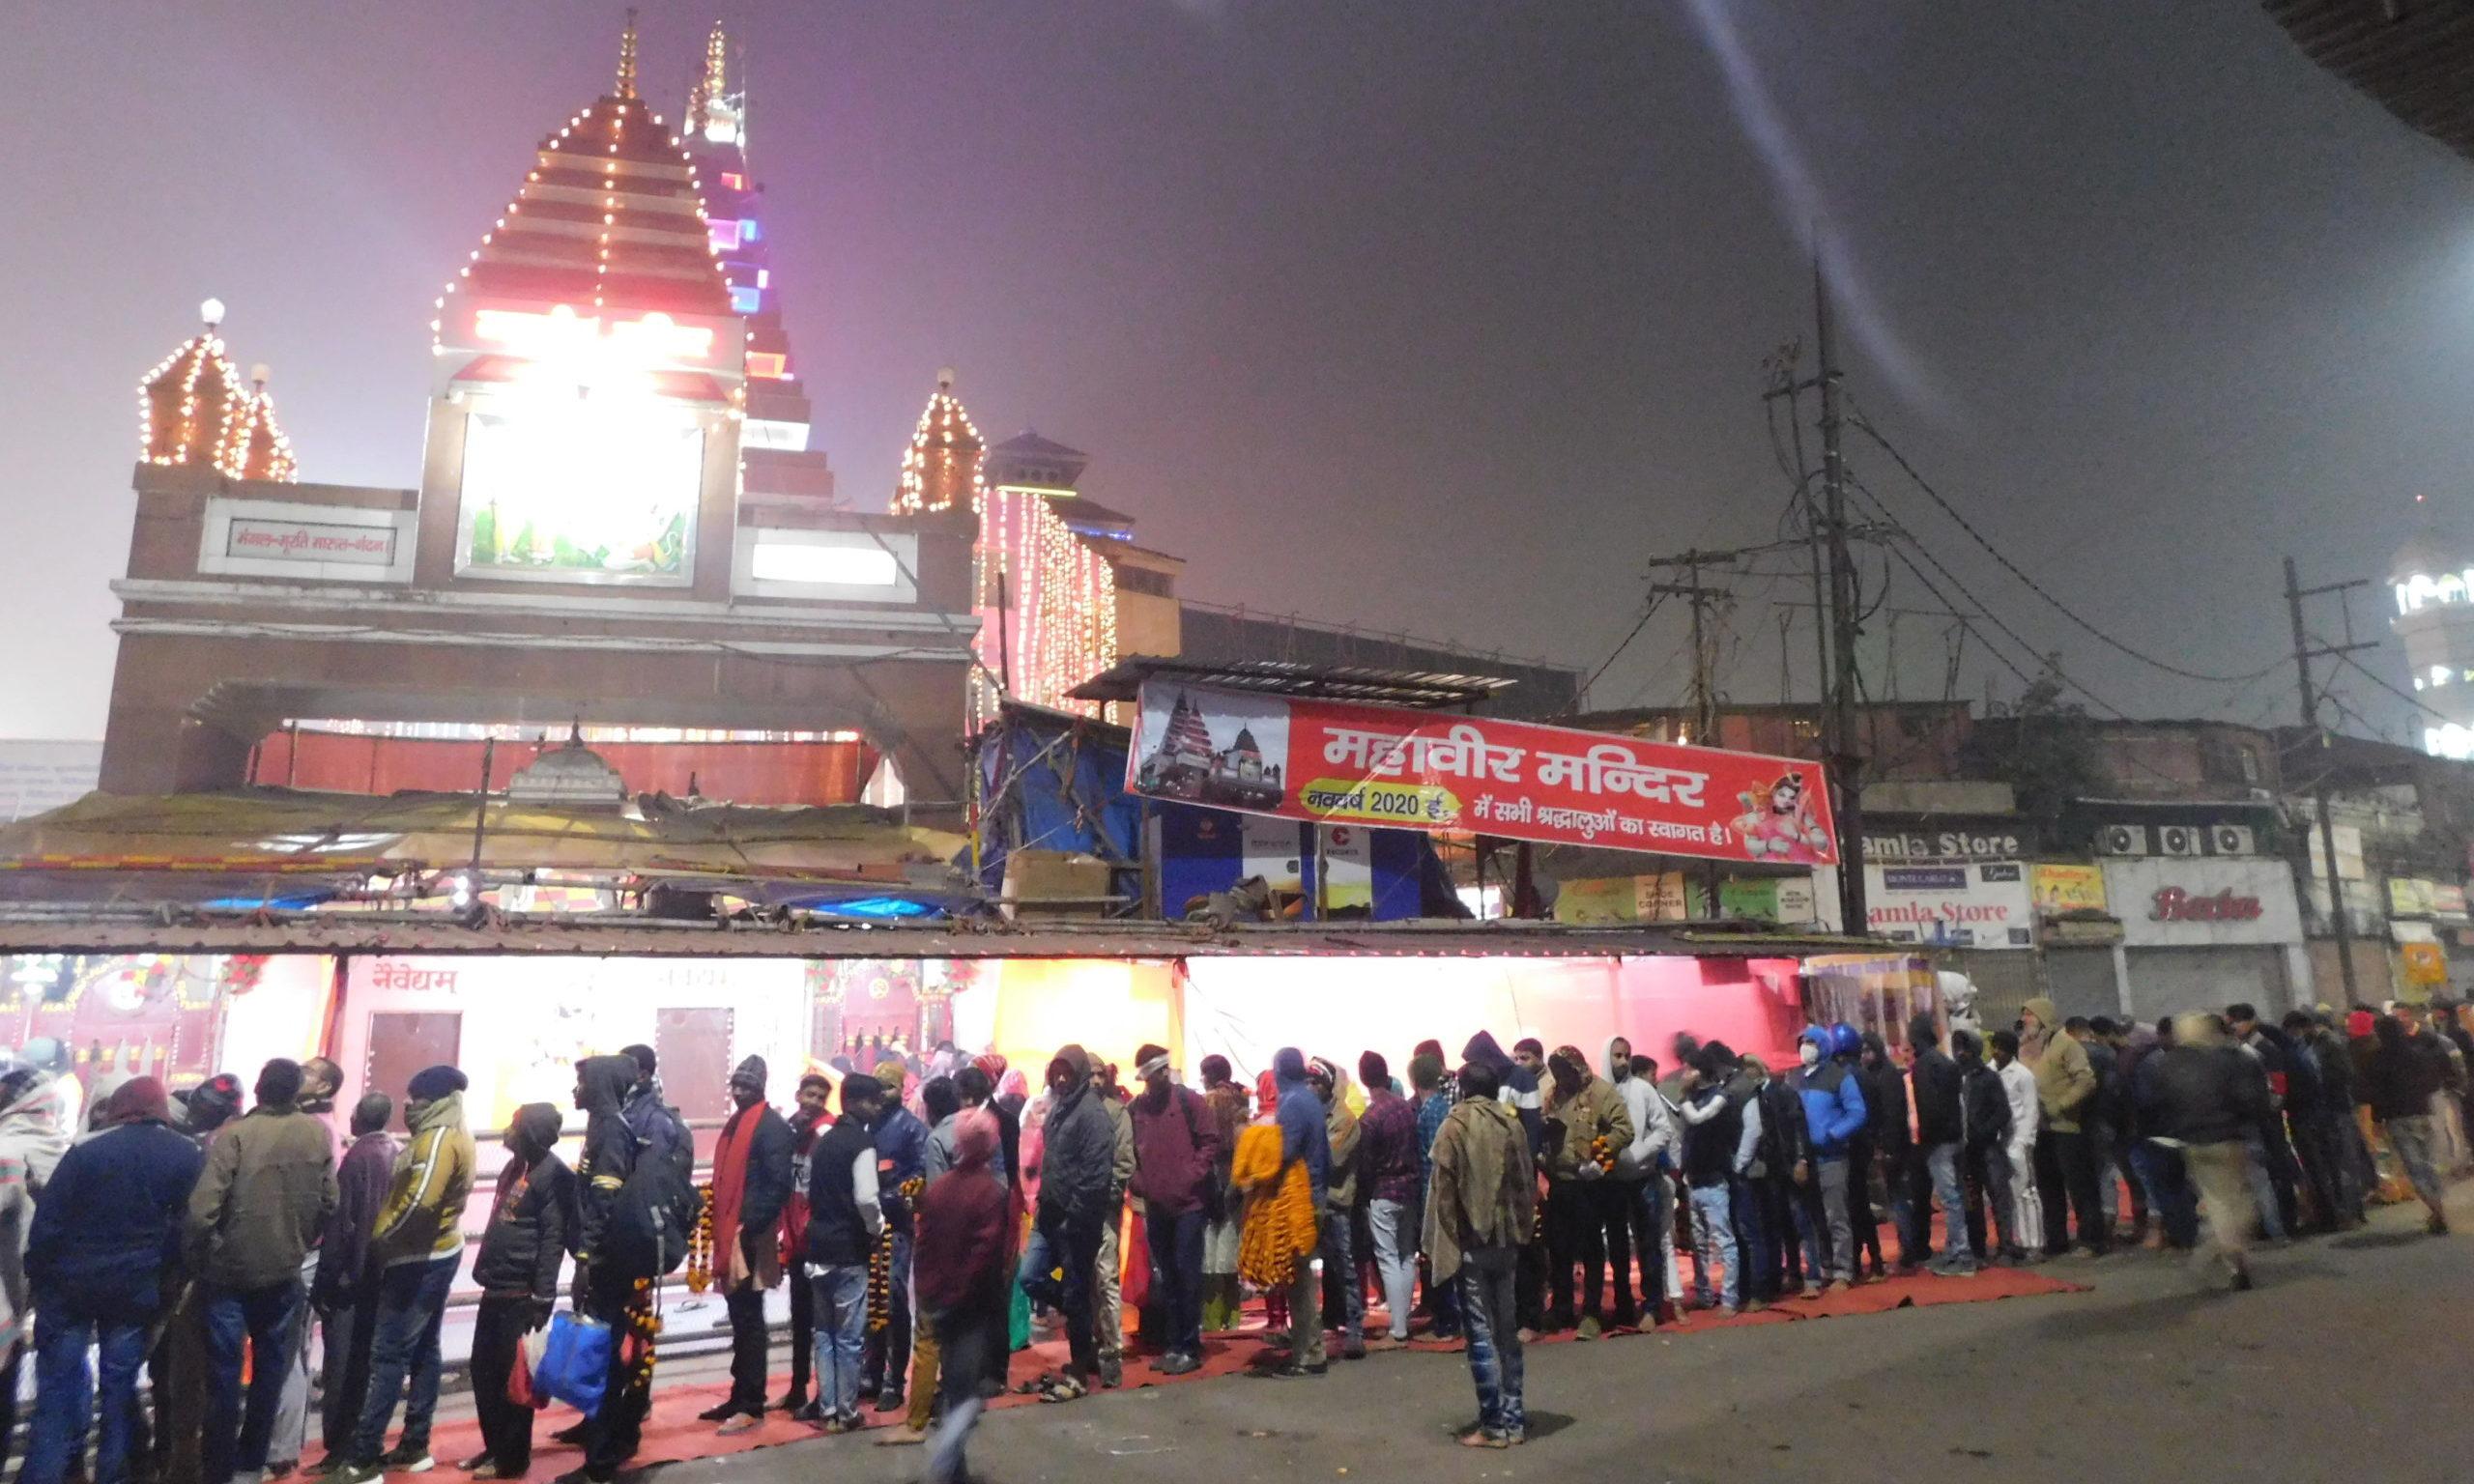 राजधानी में आज यहां मनाएं नए साल का जश्न, हनुमान मंदिर में सुबह पांच बजे से लगी कतार